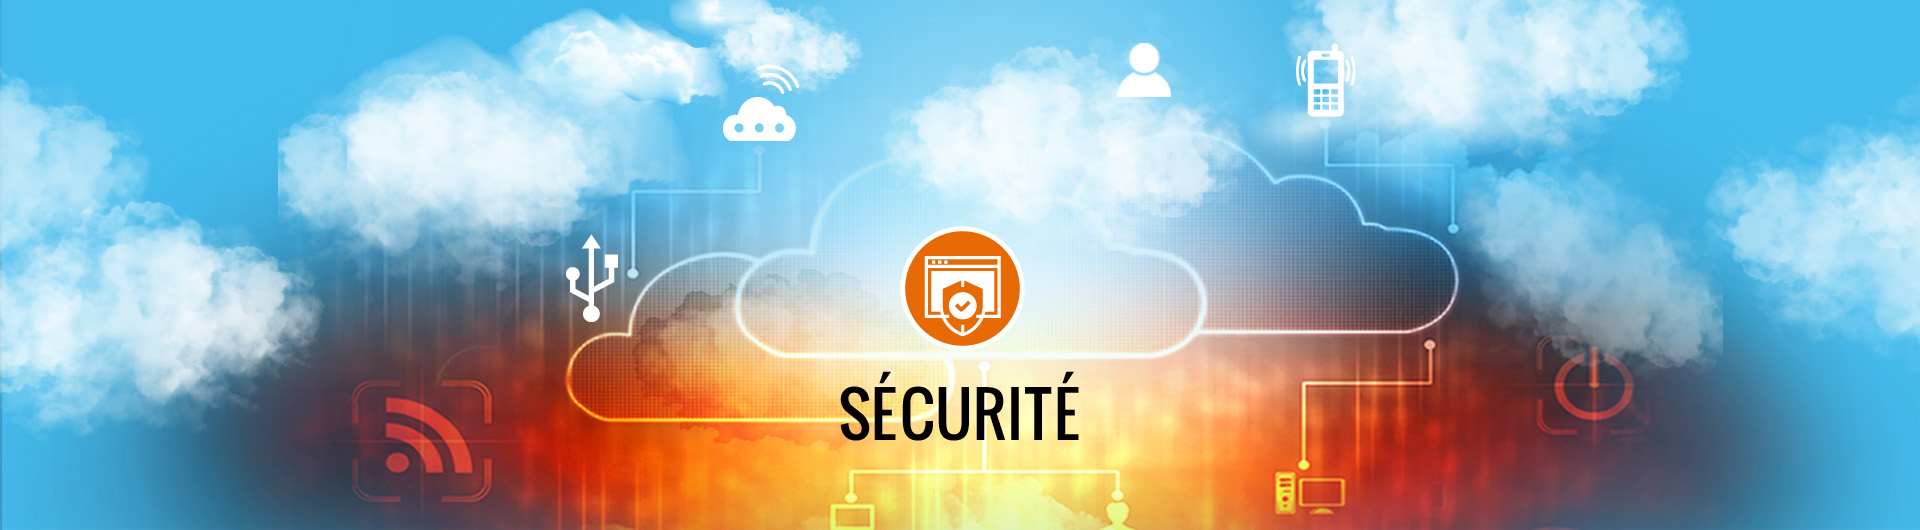 ACS'IT - Sécurité, sauvegarde et rétablissement du système informatique pour les entreprises en Limousin